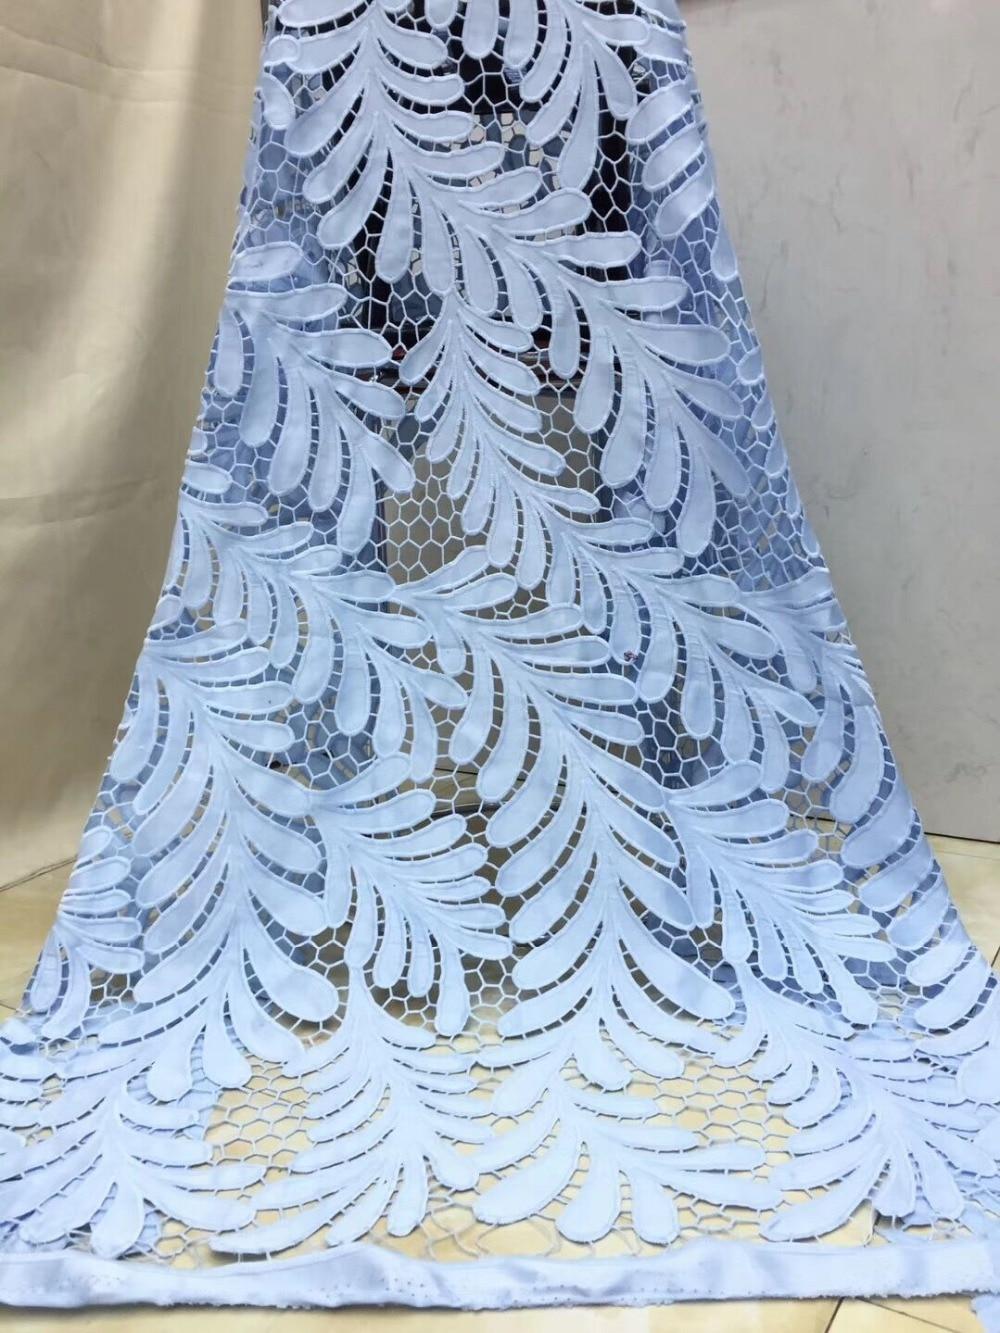 Ev ve Bahçe'ten Dantel'de Nijeryalı fransız net Dantel CiCi 12.2301 Işlemeli Kord Dantel Kumaş tam boncuk ile gelin elbise için'da  Grup 1